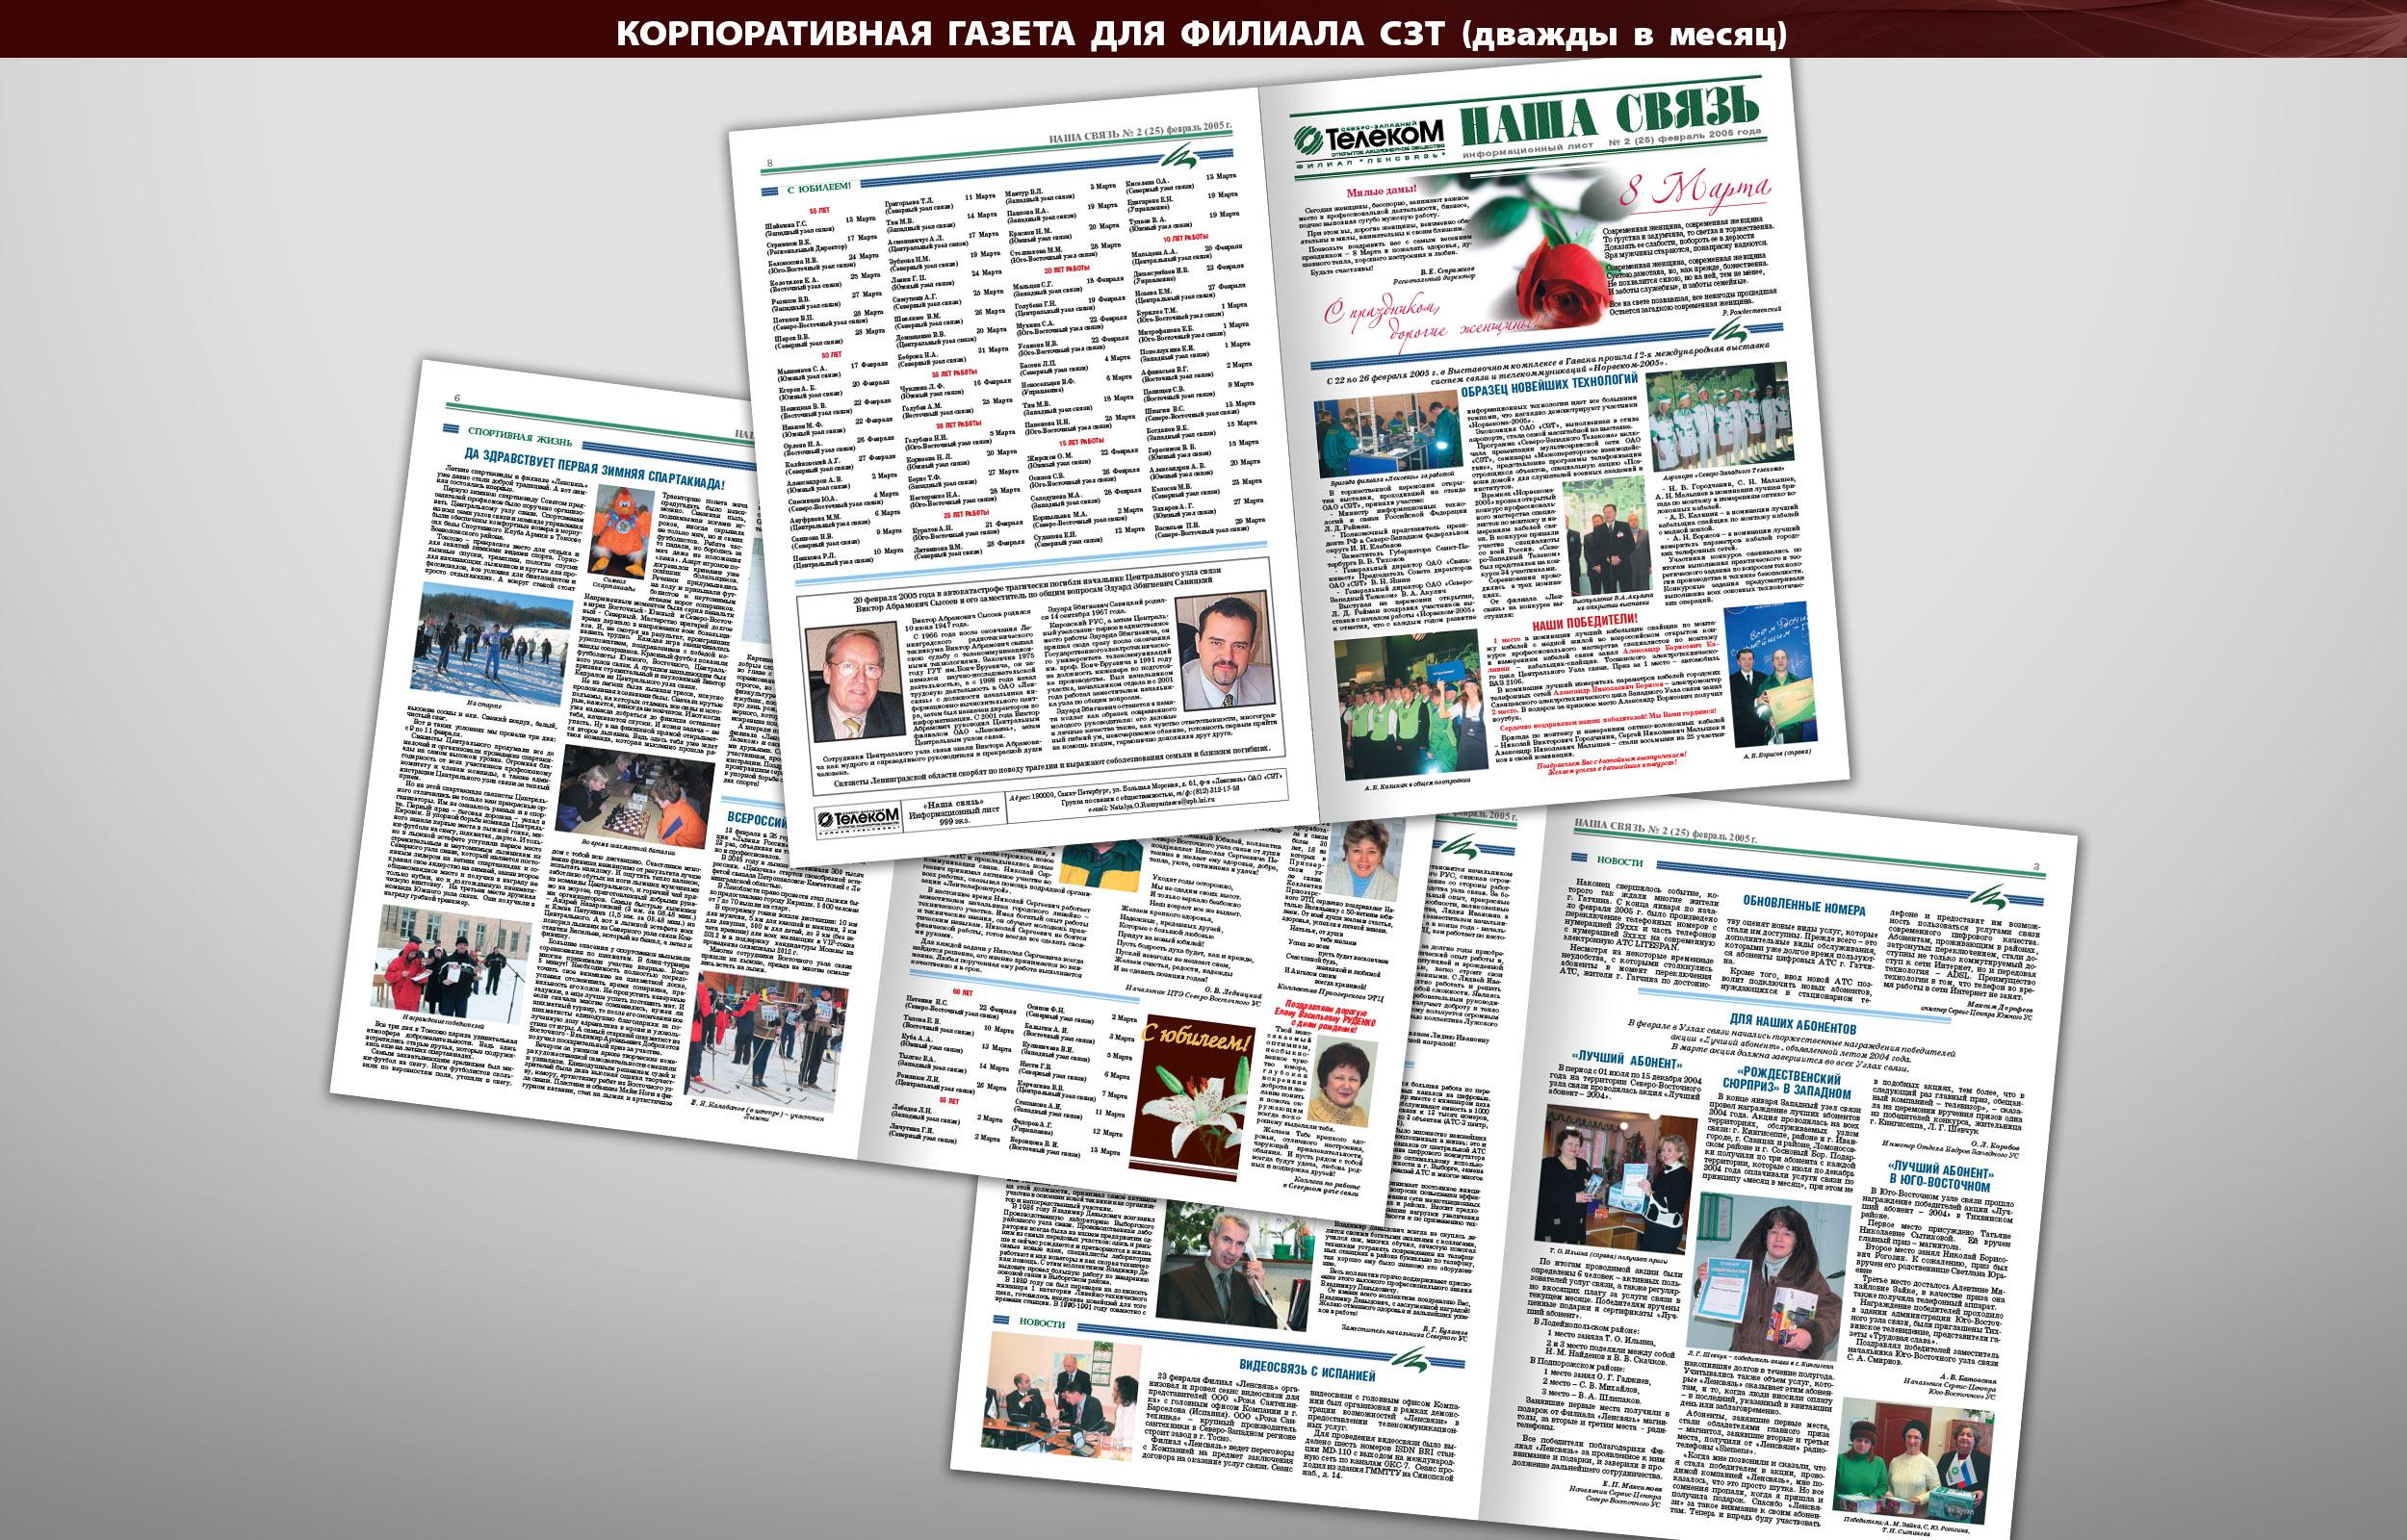 Корпоративная газета для областного филиала СЗТ (дважды в месяц)